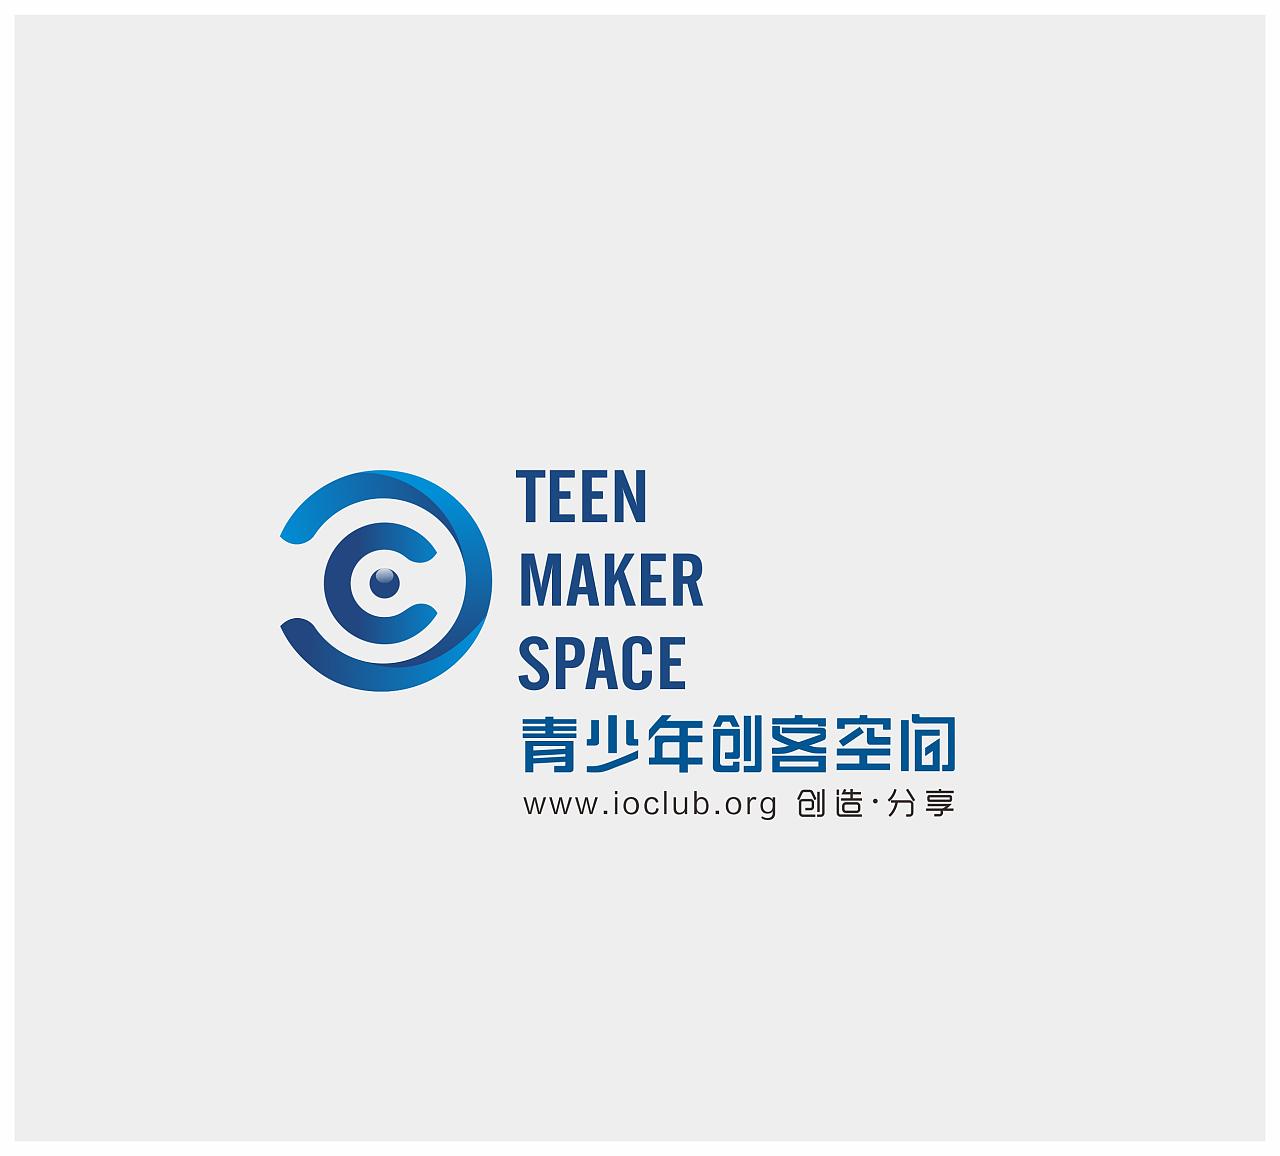 青少年创客空间部分vi及物料设计图片